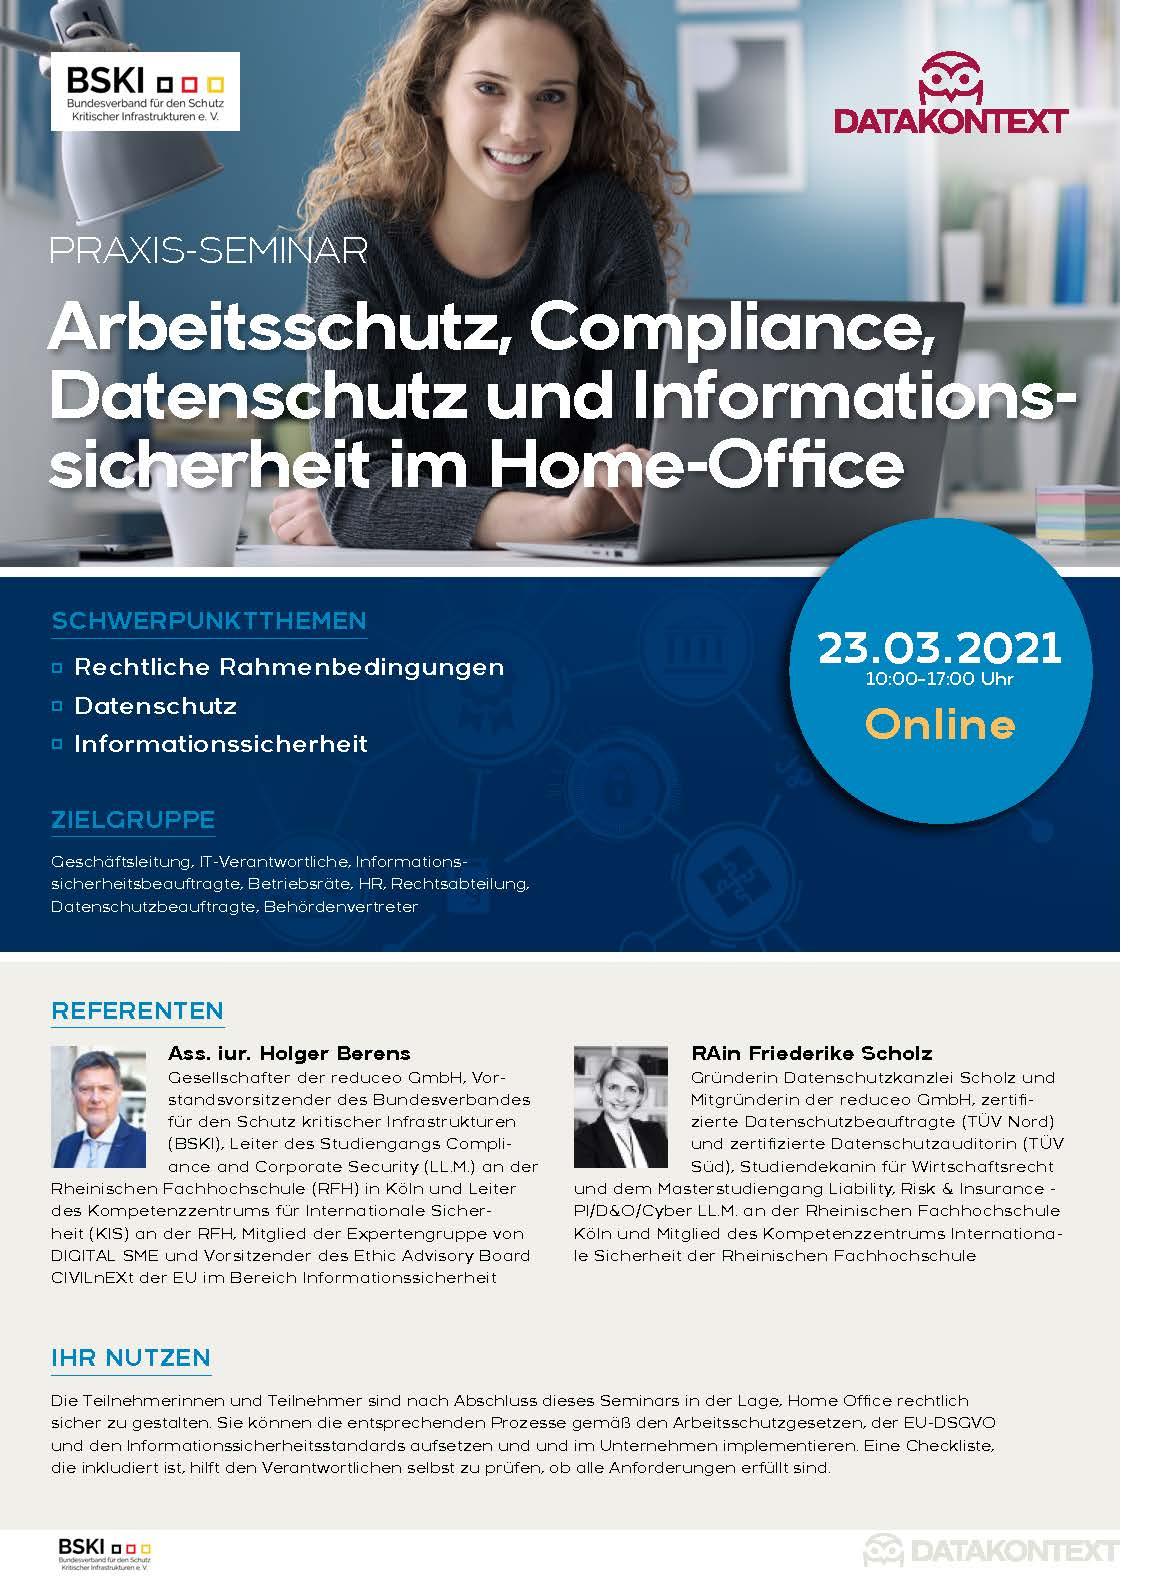 Arbeitsschutz, Compliance, Datenschutz und Informationssicherheit im Home-Office